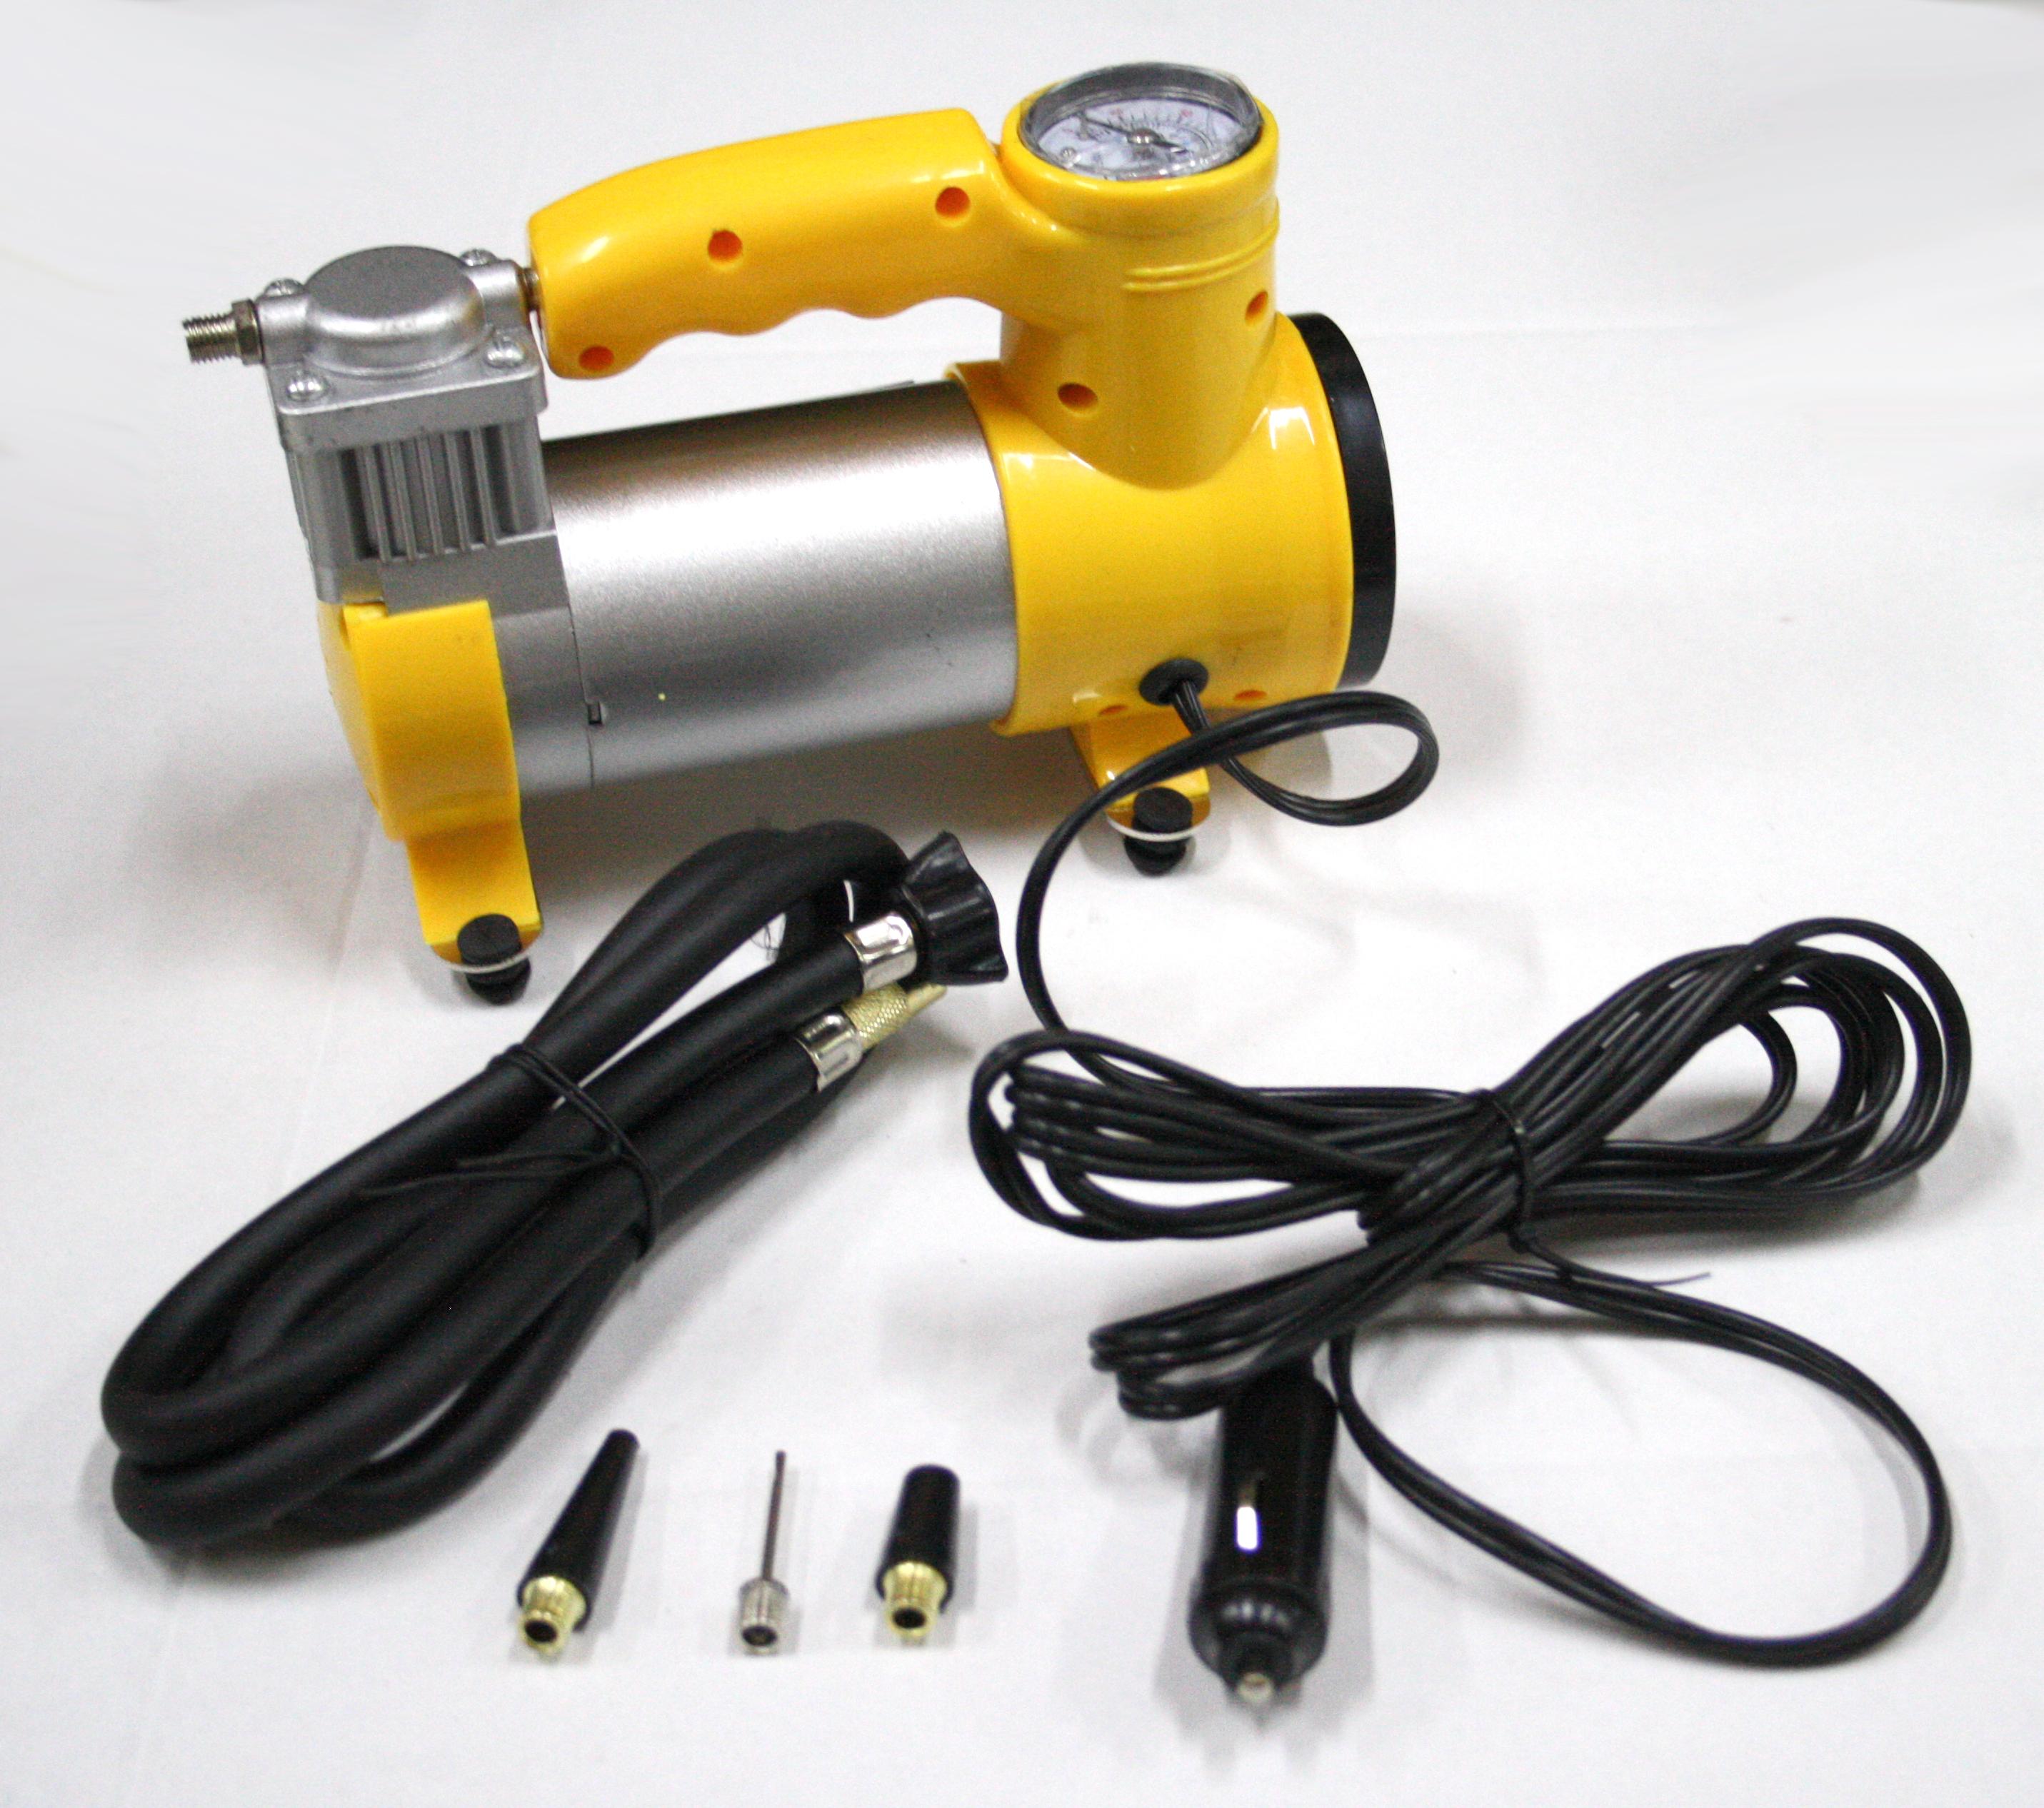 Compressore portatile presa 12v accendisigari per auto for Mini compressore portatile per auto moto bici 12v professionale accendisigari